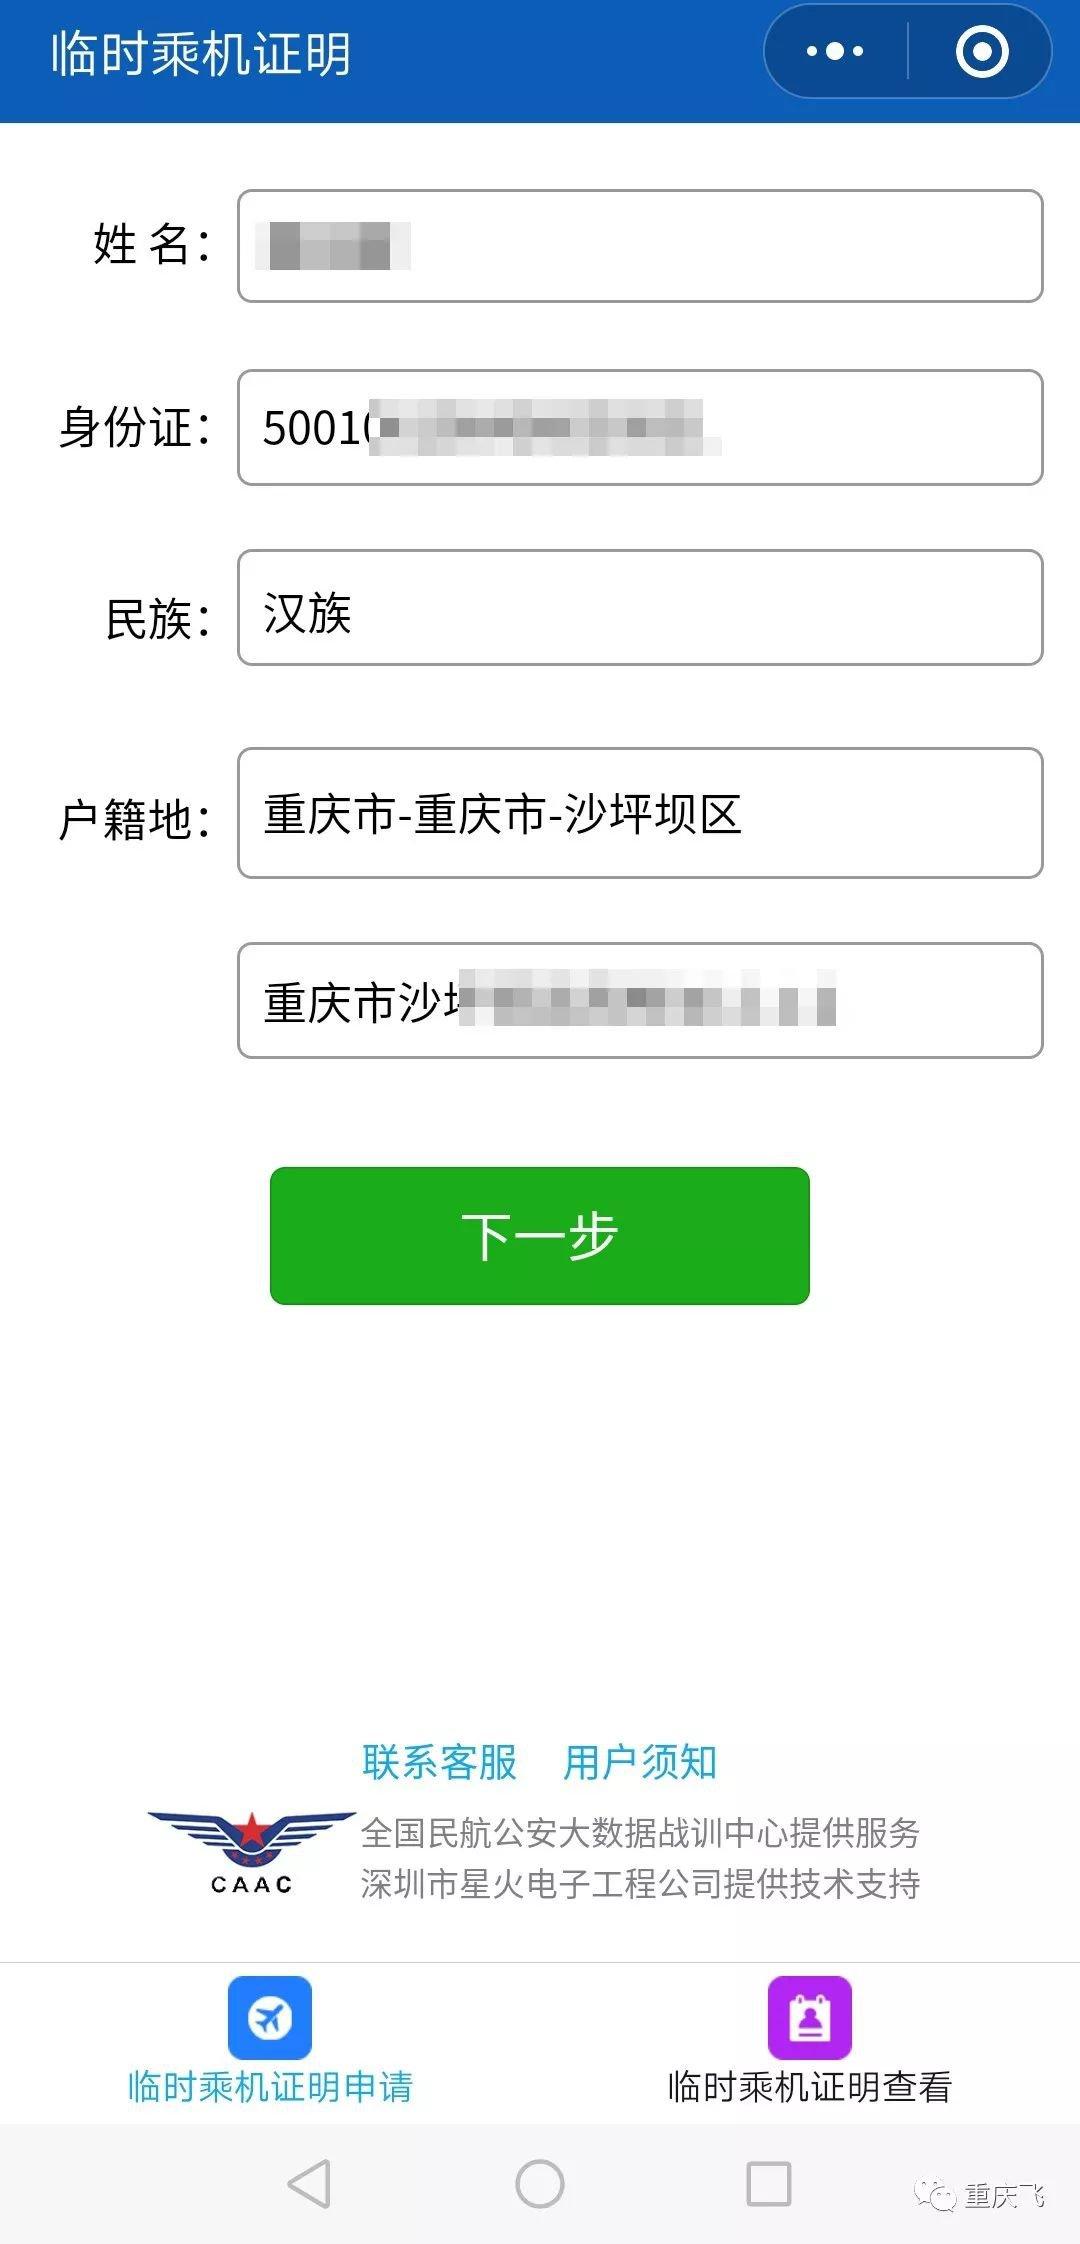 重庆身份证丢了马上要坐飞机